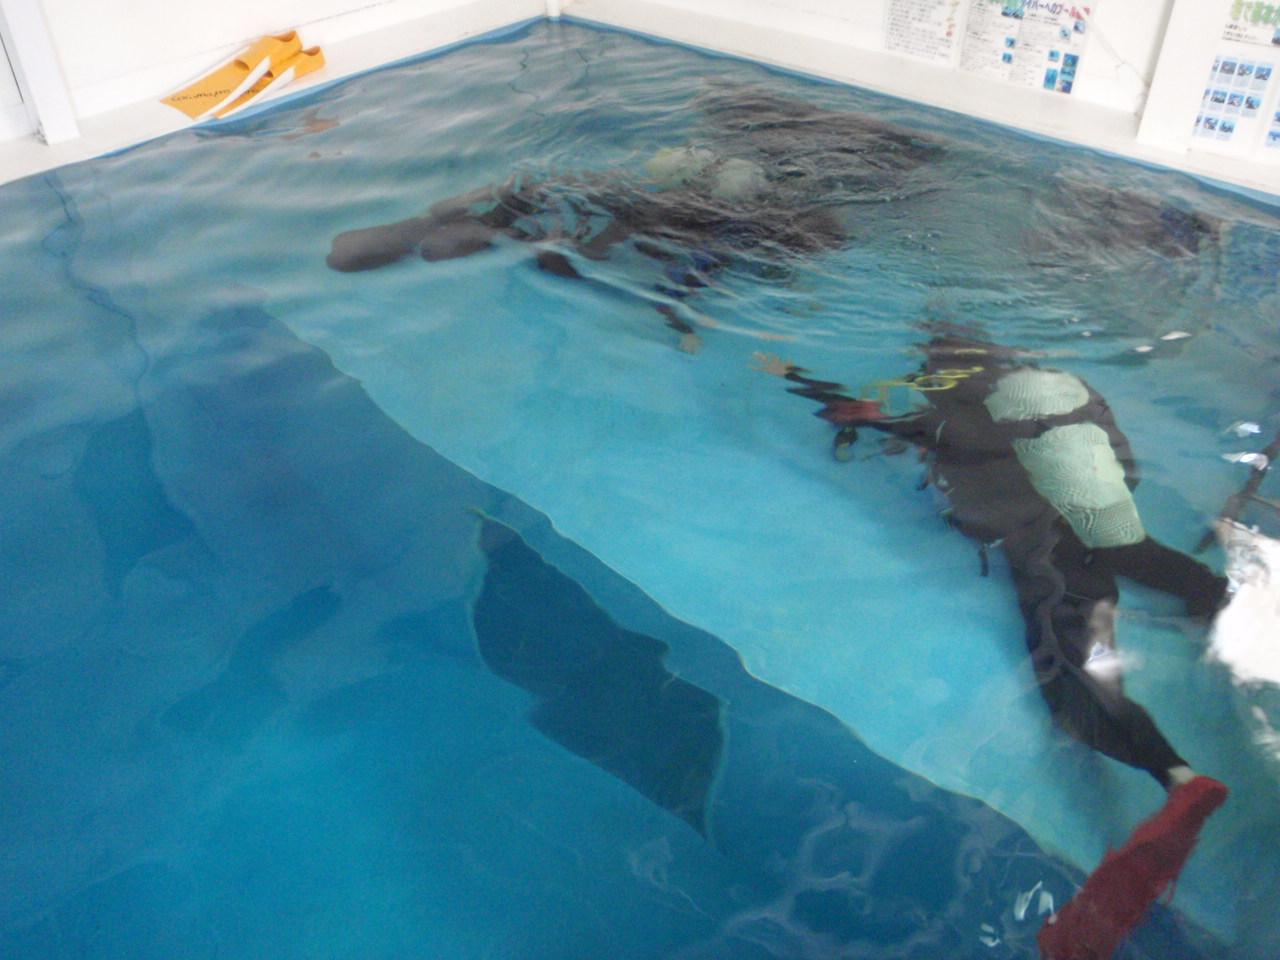 急きょのダイビングライセンスコースに対応できる店内プールを完備しているので今日もリクエストに快く対応できました!